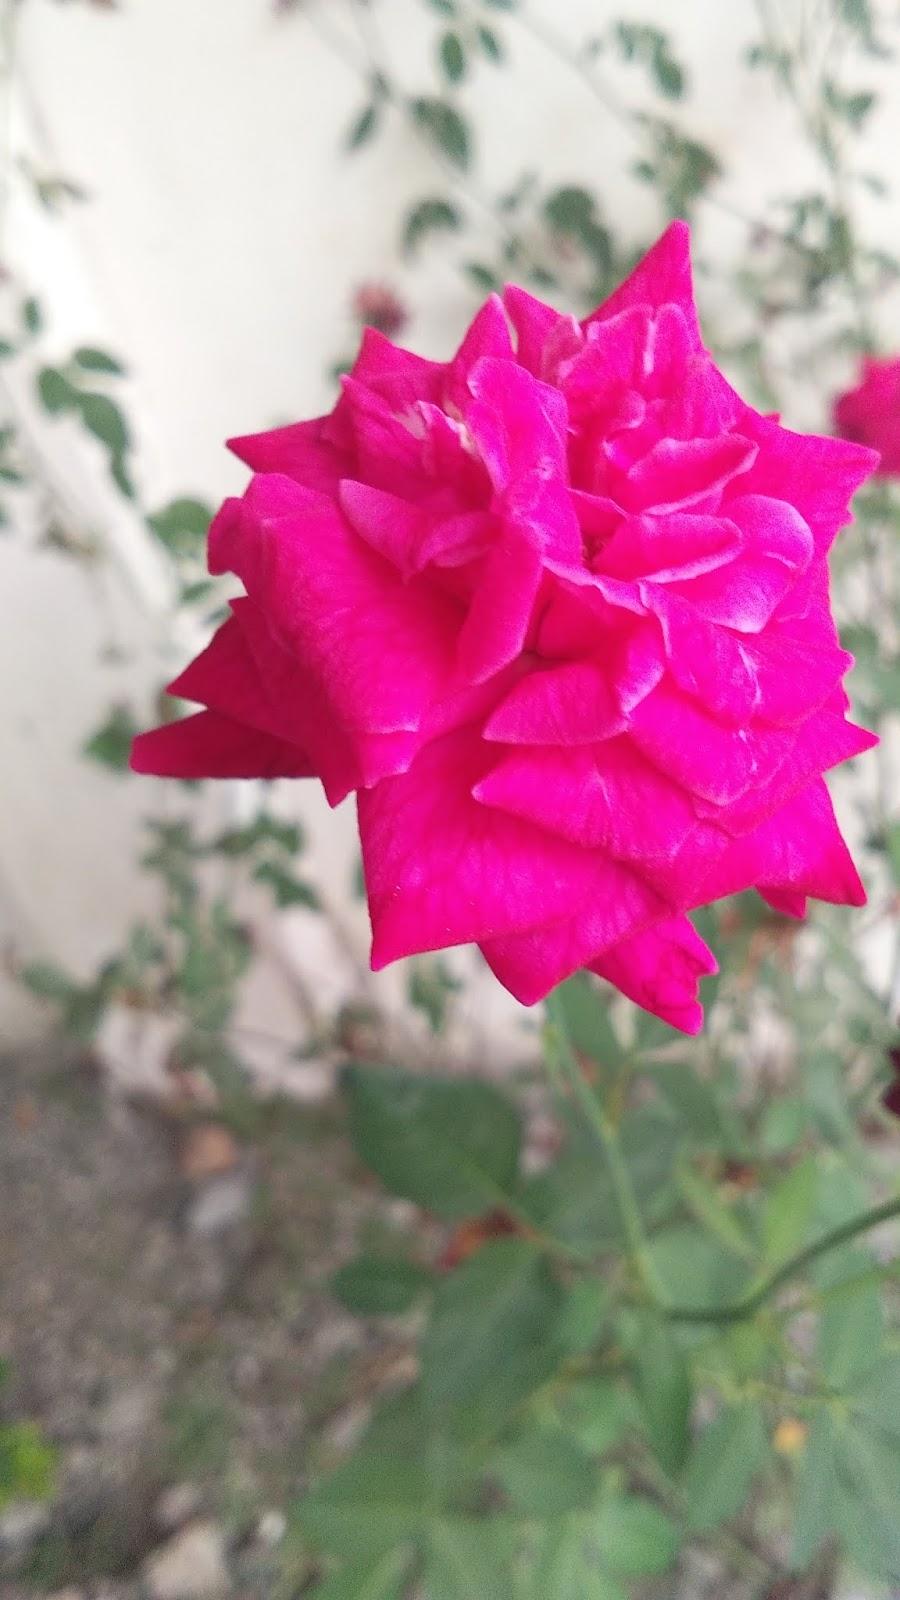 caption bunga mawar layu mawar ku